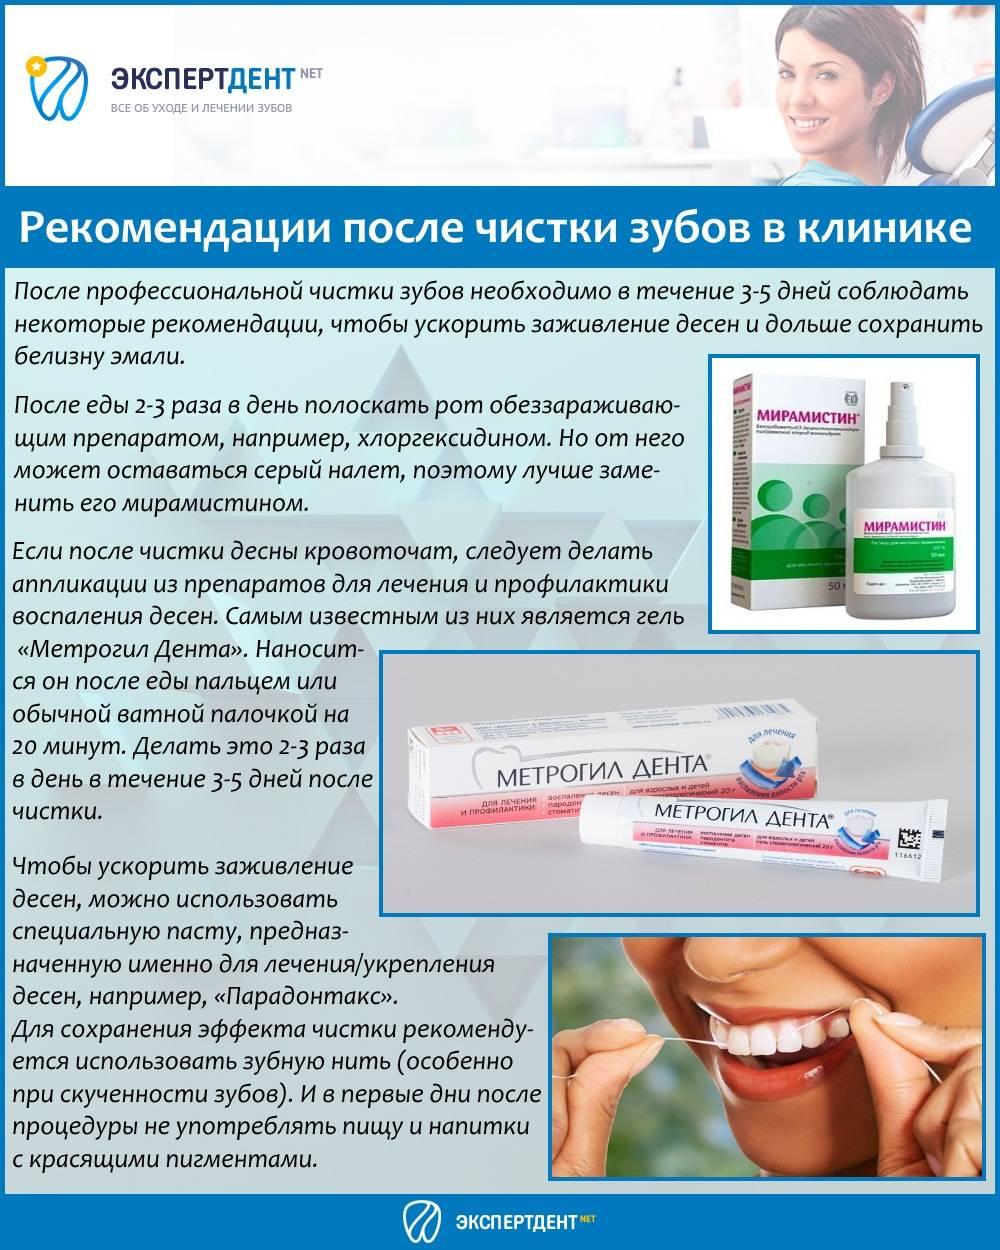 Что можно есть и пить после чистки зубов